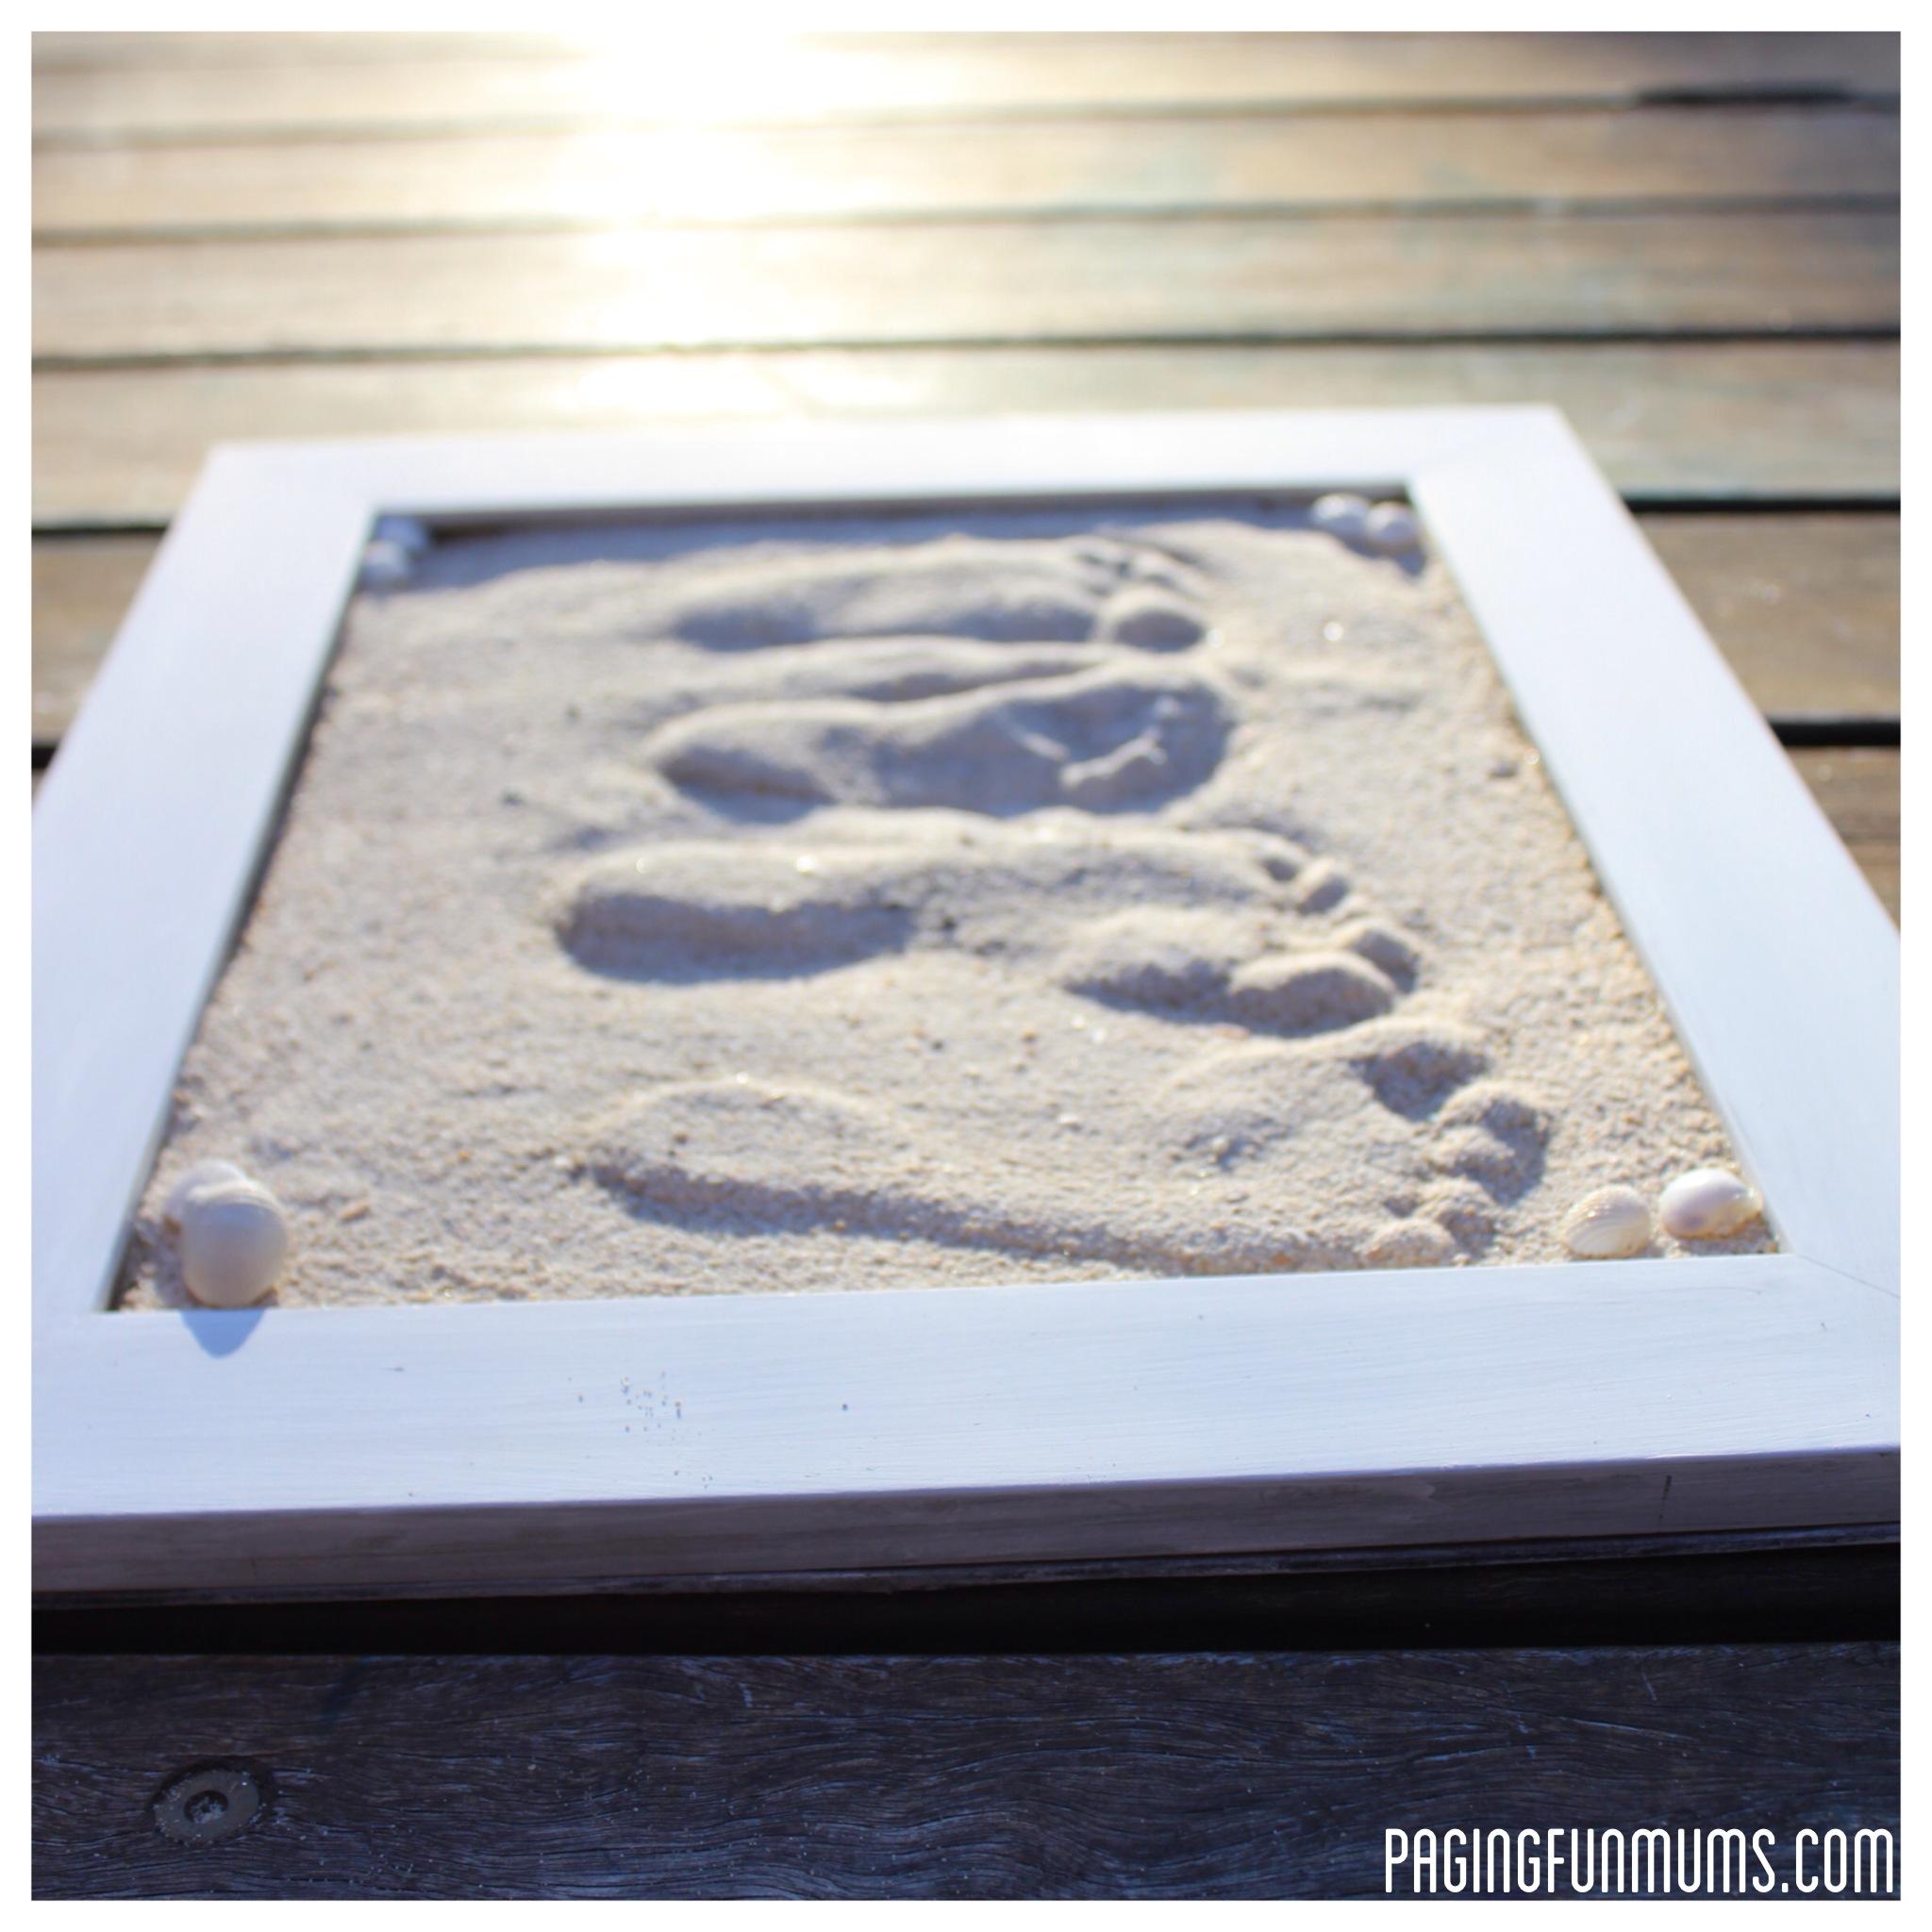 Finished plaster footprints